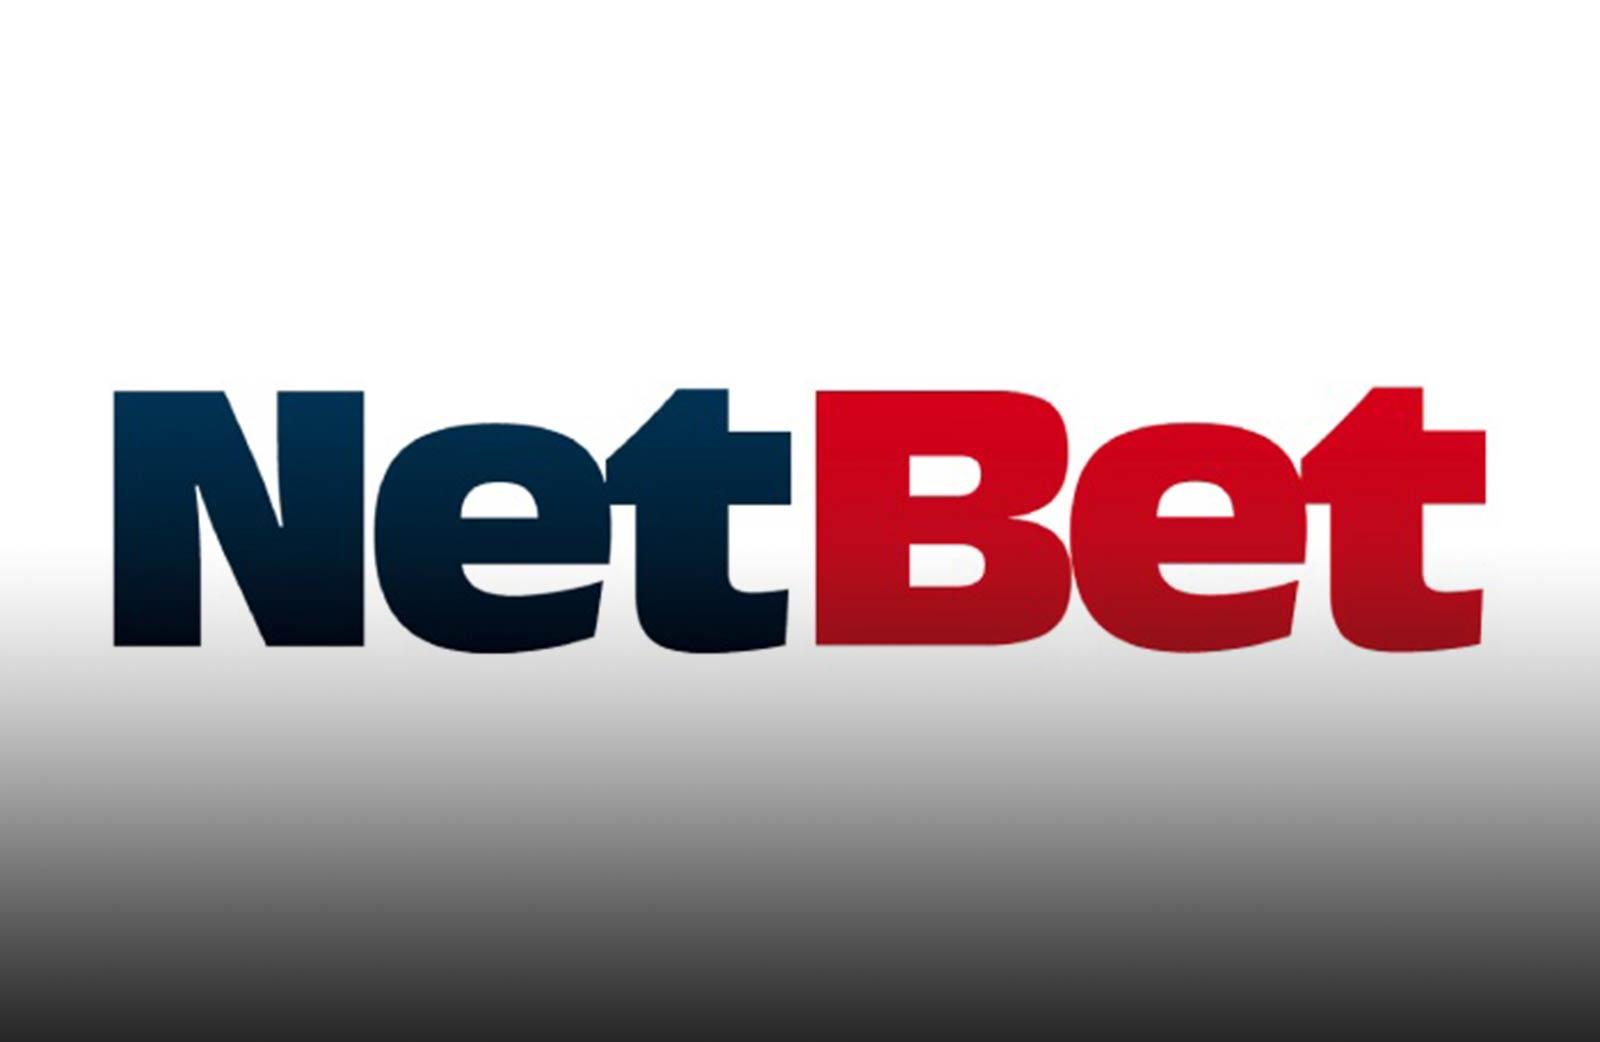 FCSB, net bet, stiri, botosani, NetBet Casino